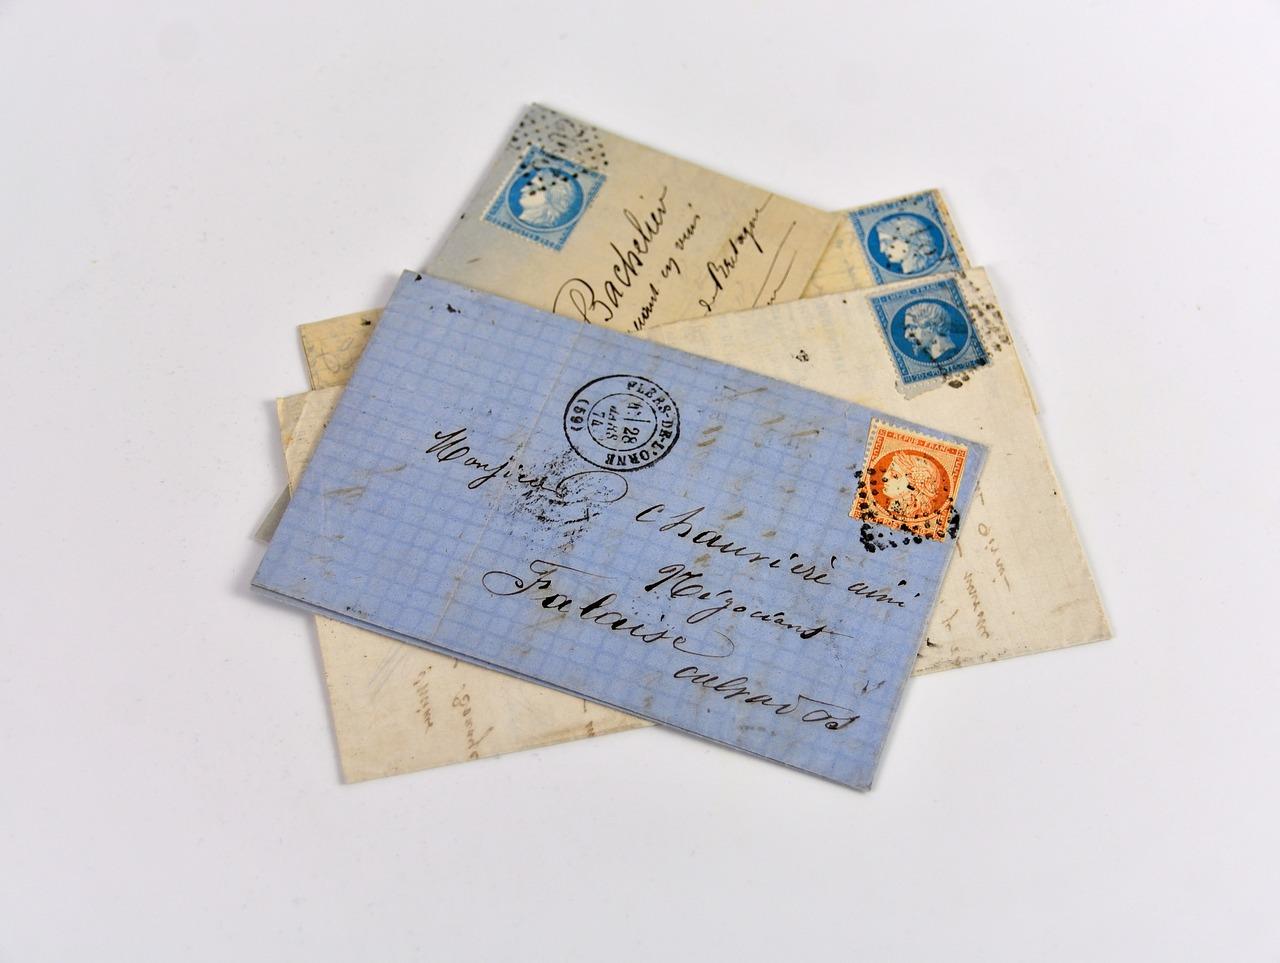 横向きで封筒を出す際の切手の向き